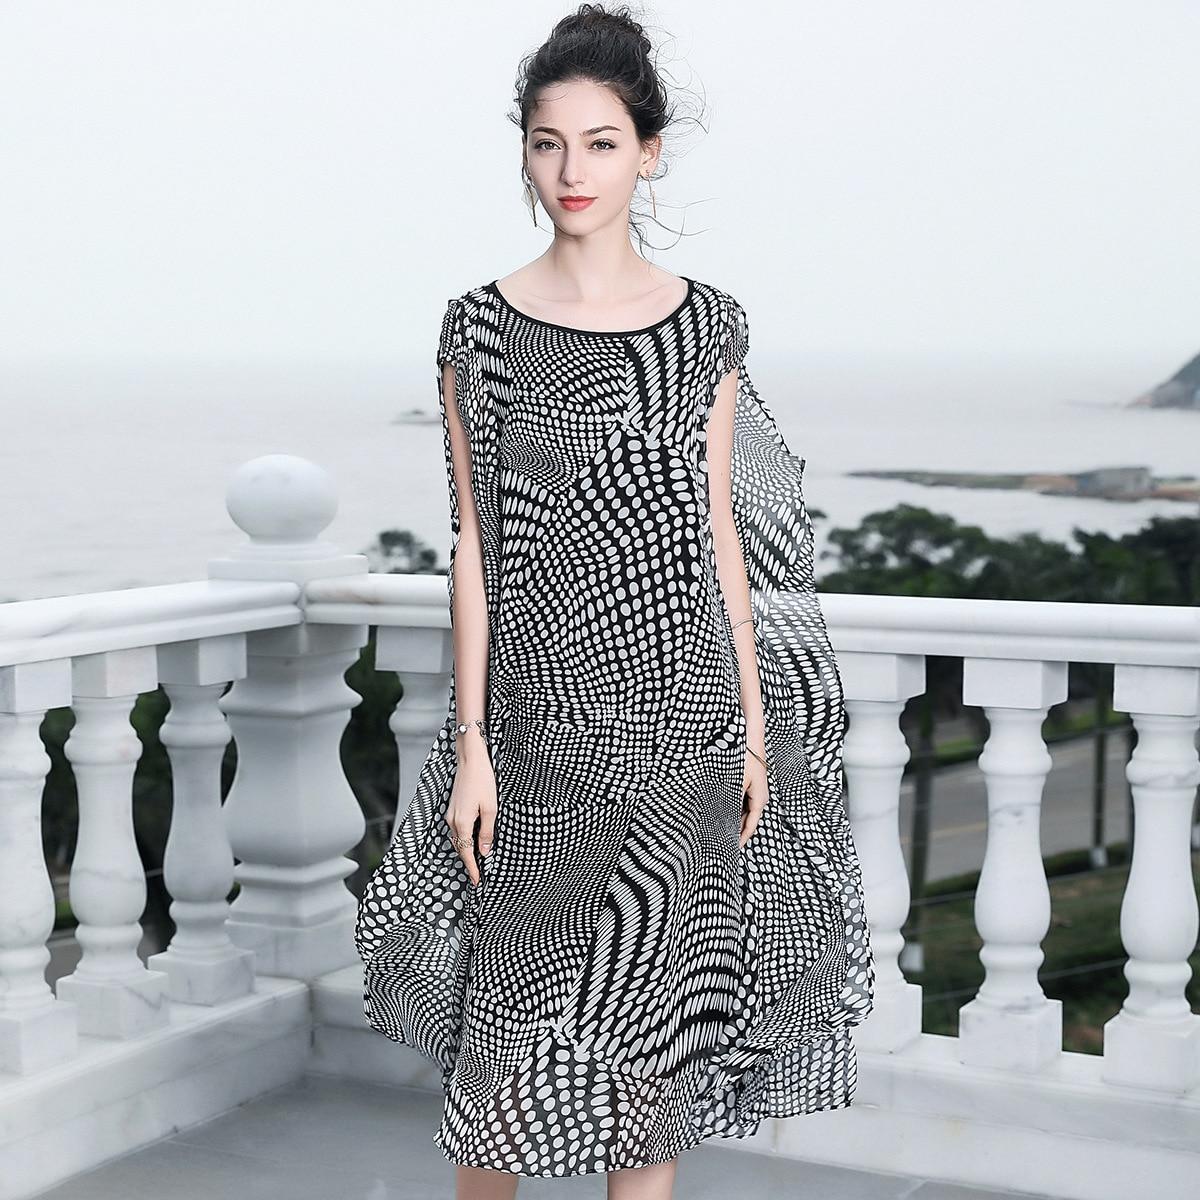 Шелковый dot оборками свободные пляжные Вечерние Длинное платье 2018 новый для подиума Женская летняя обувь платья высокое качество офис леди